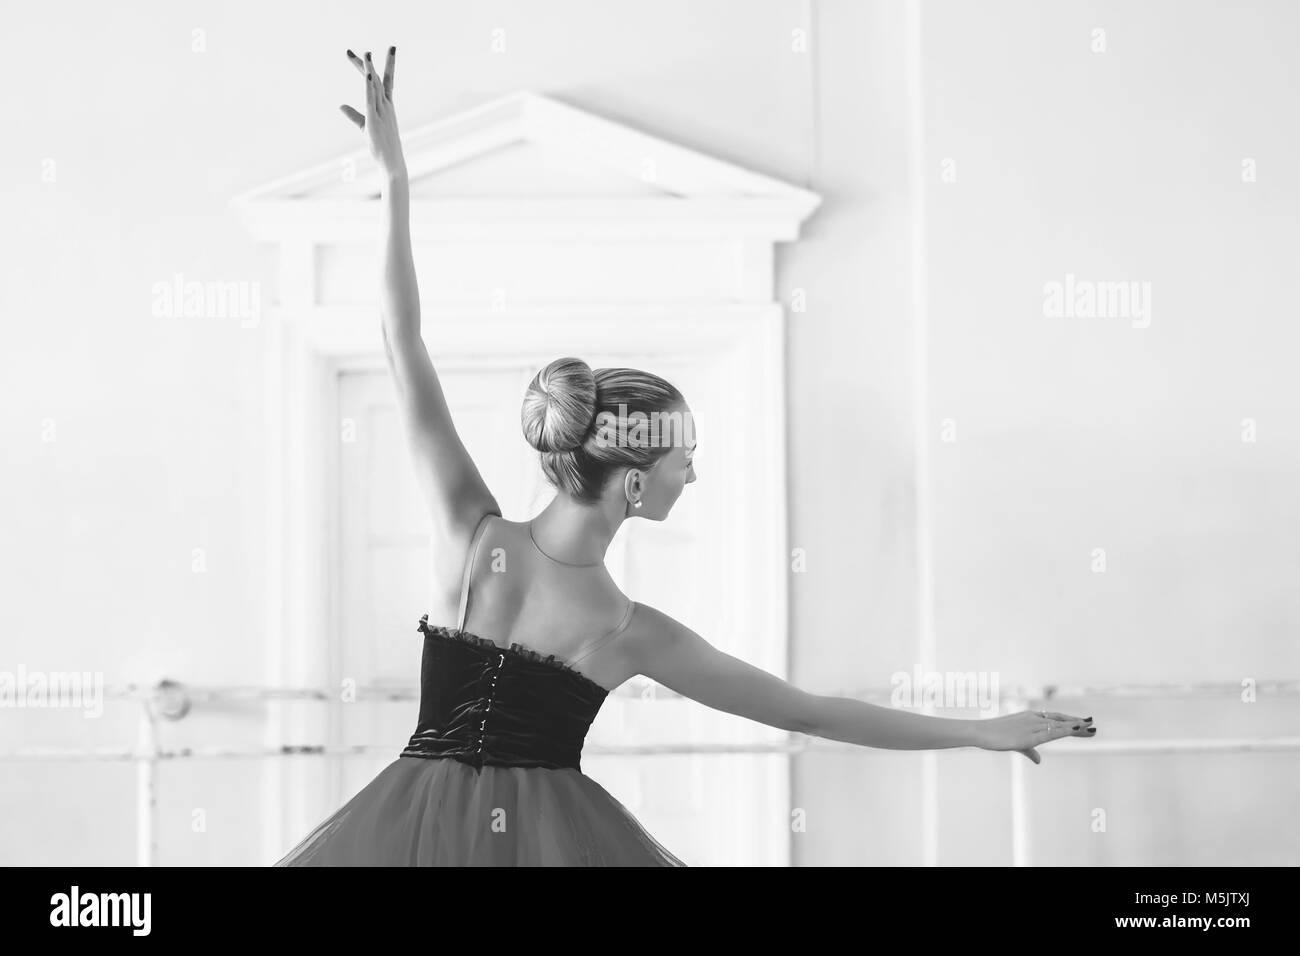 Danseuse de ballet classique vue de côté. Belle ballerine ballet gracieux pratique des positions en tutu Photo Stock